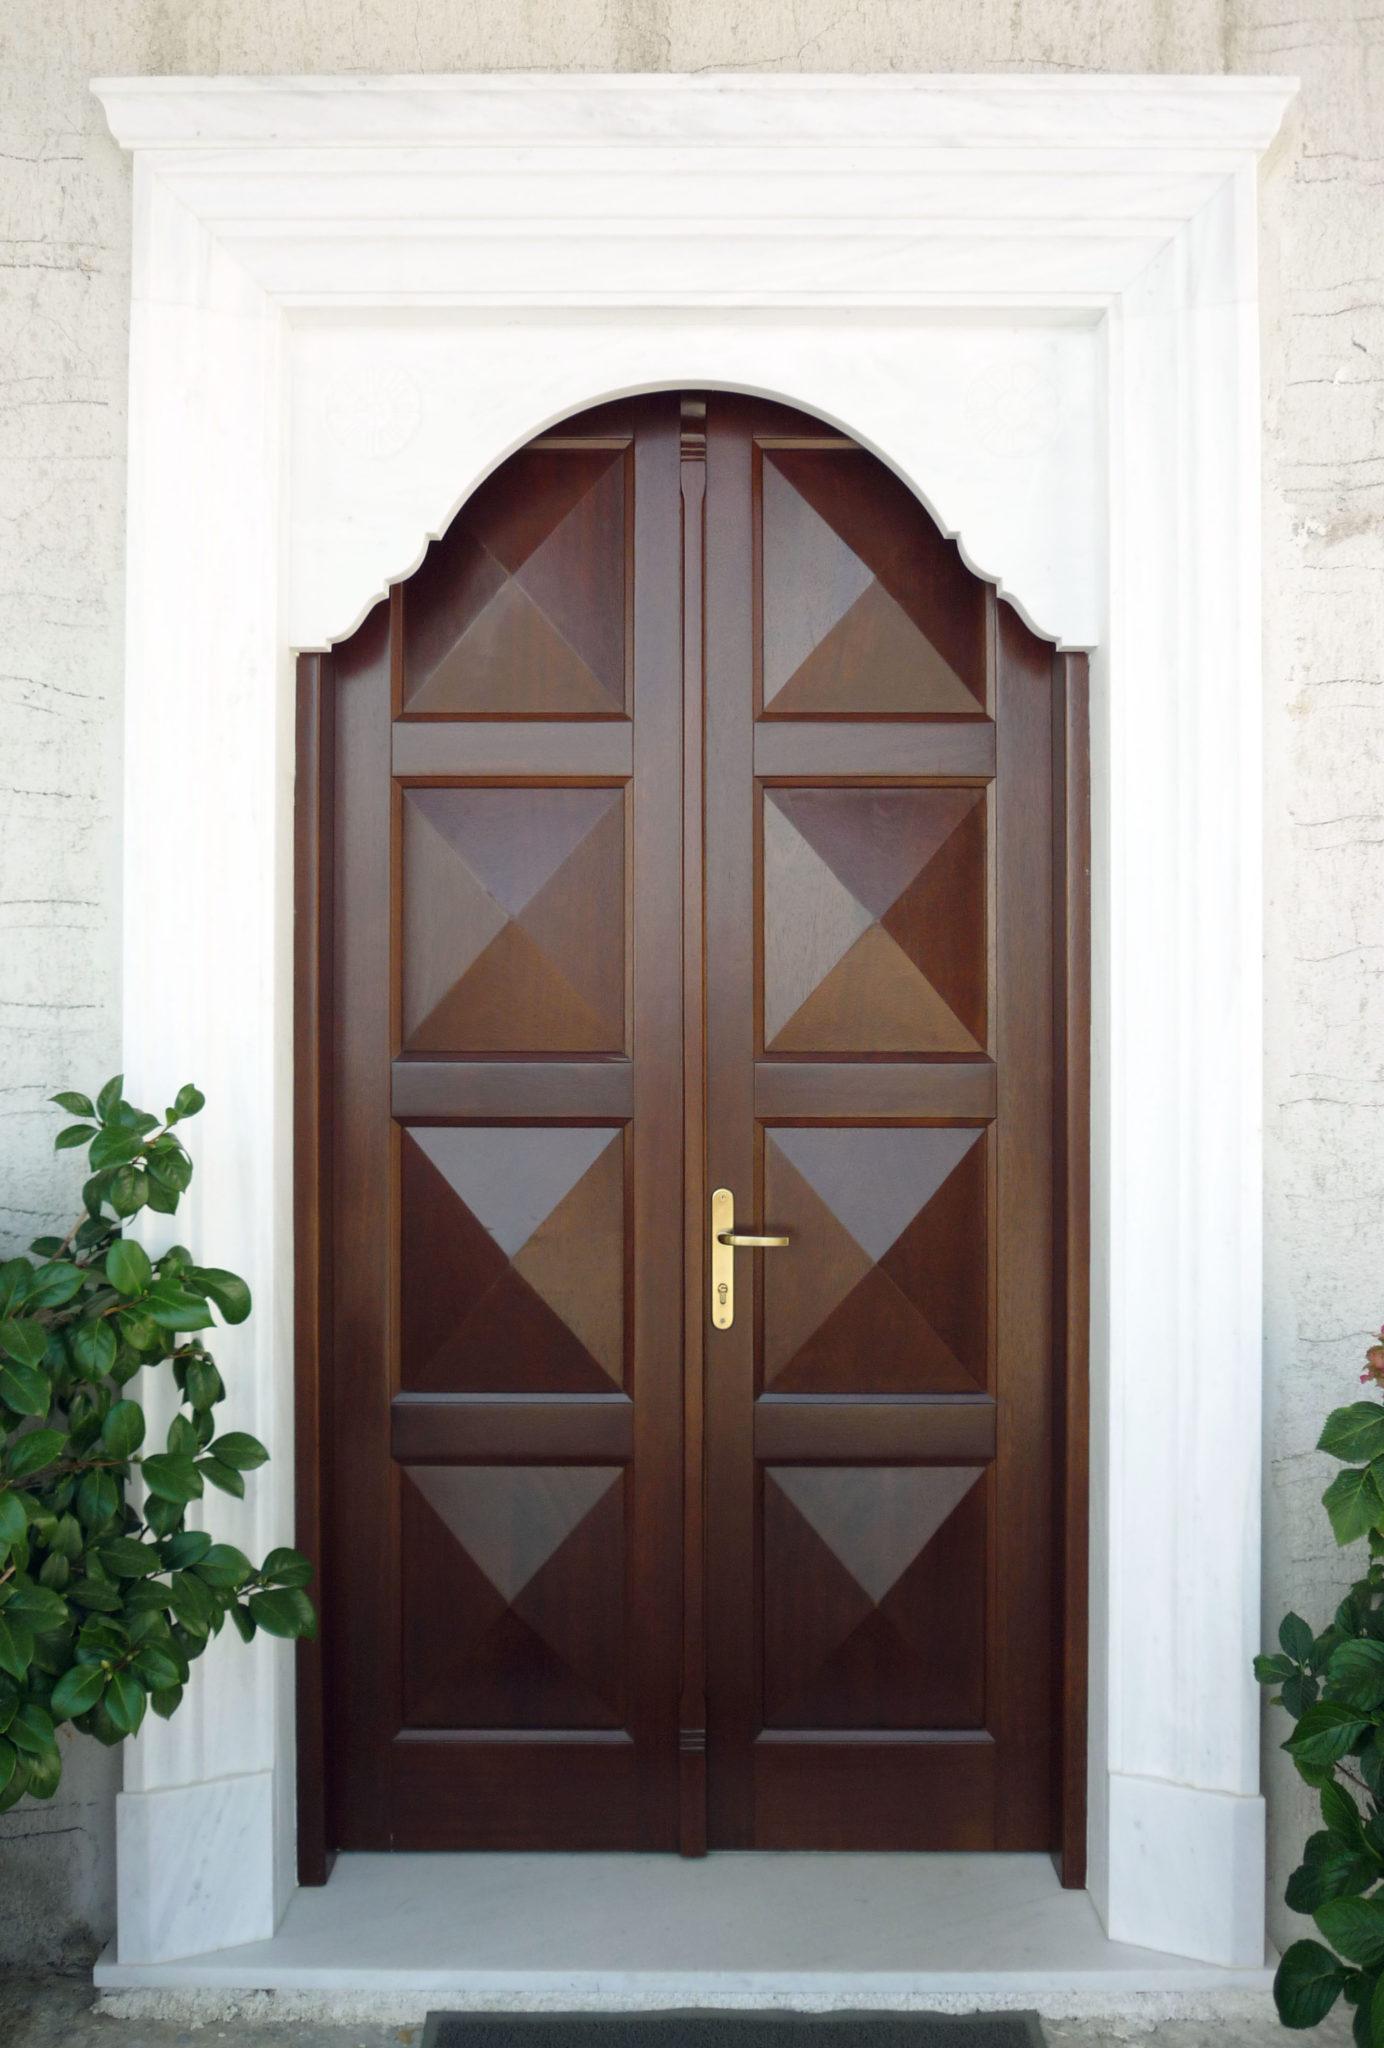 εξωτερική πόρτα με οκτώ ταμπλάδες